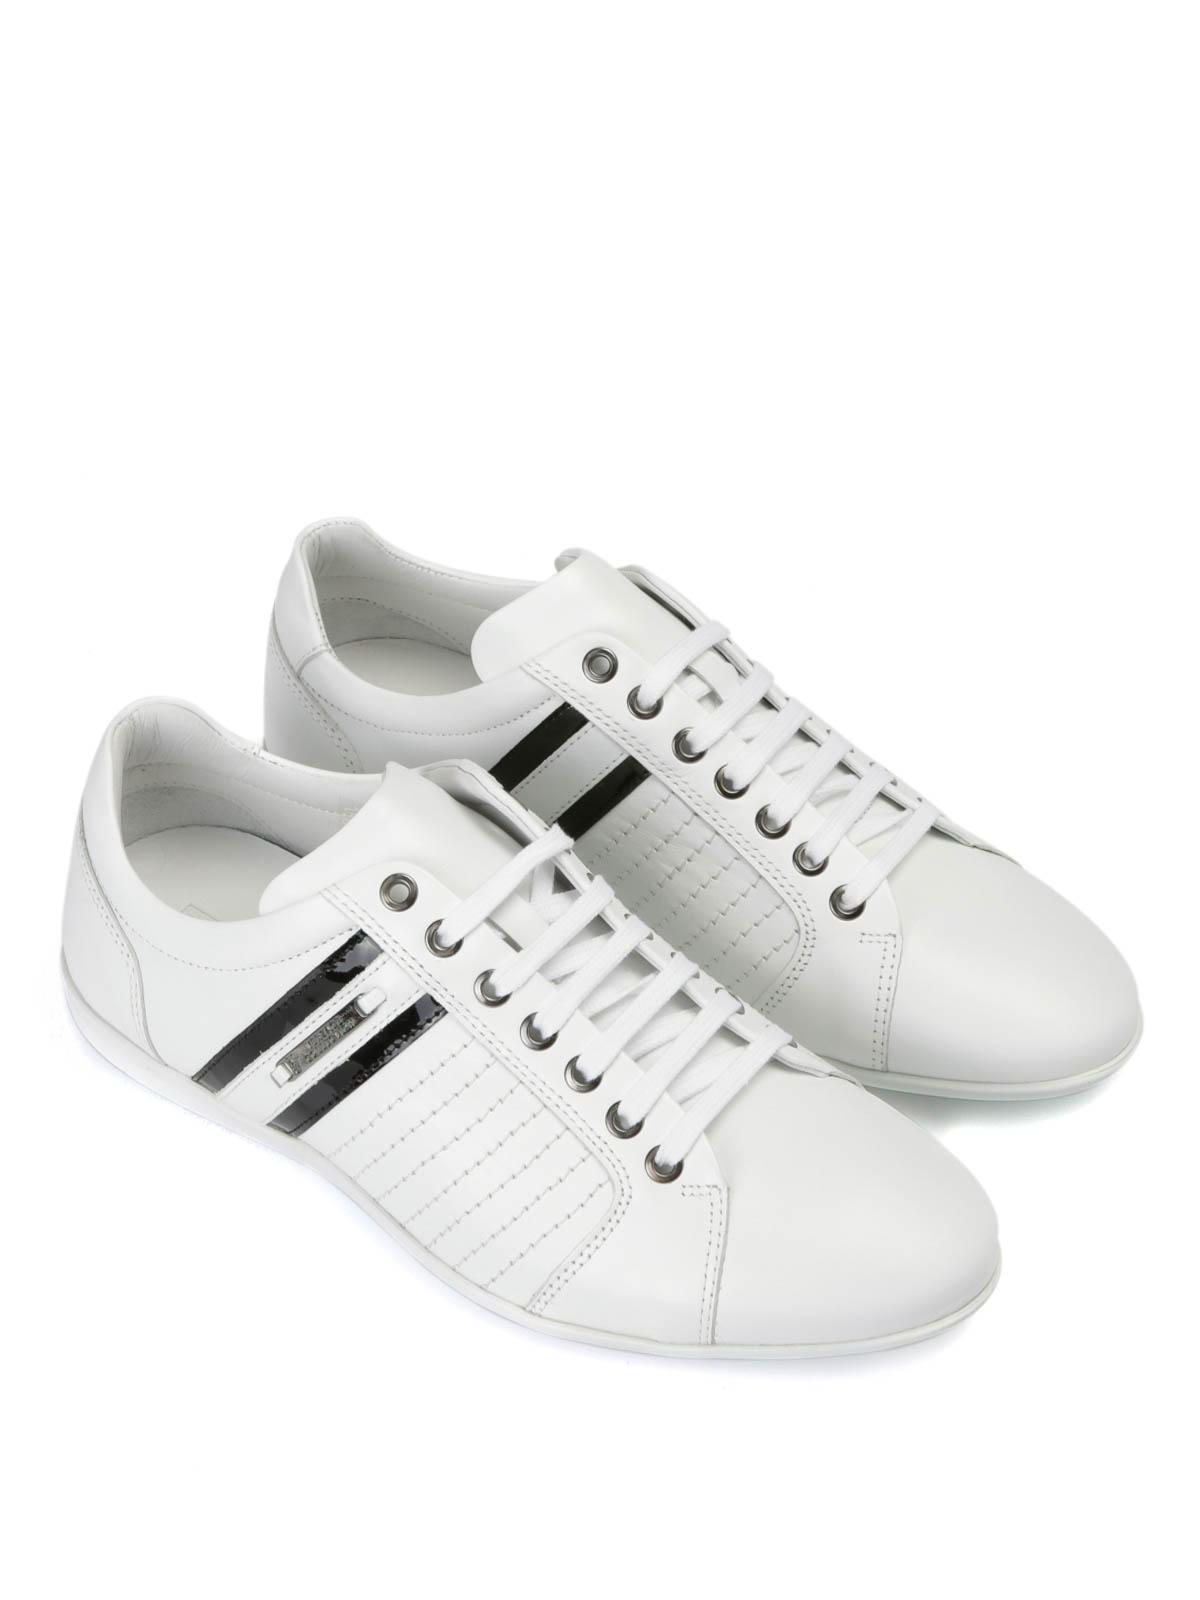 Blanc Baskets Sport Homme Pour Collection Chaussures De Versace qzx7w4pZ